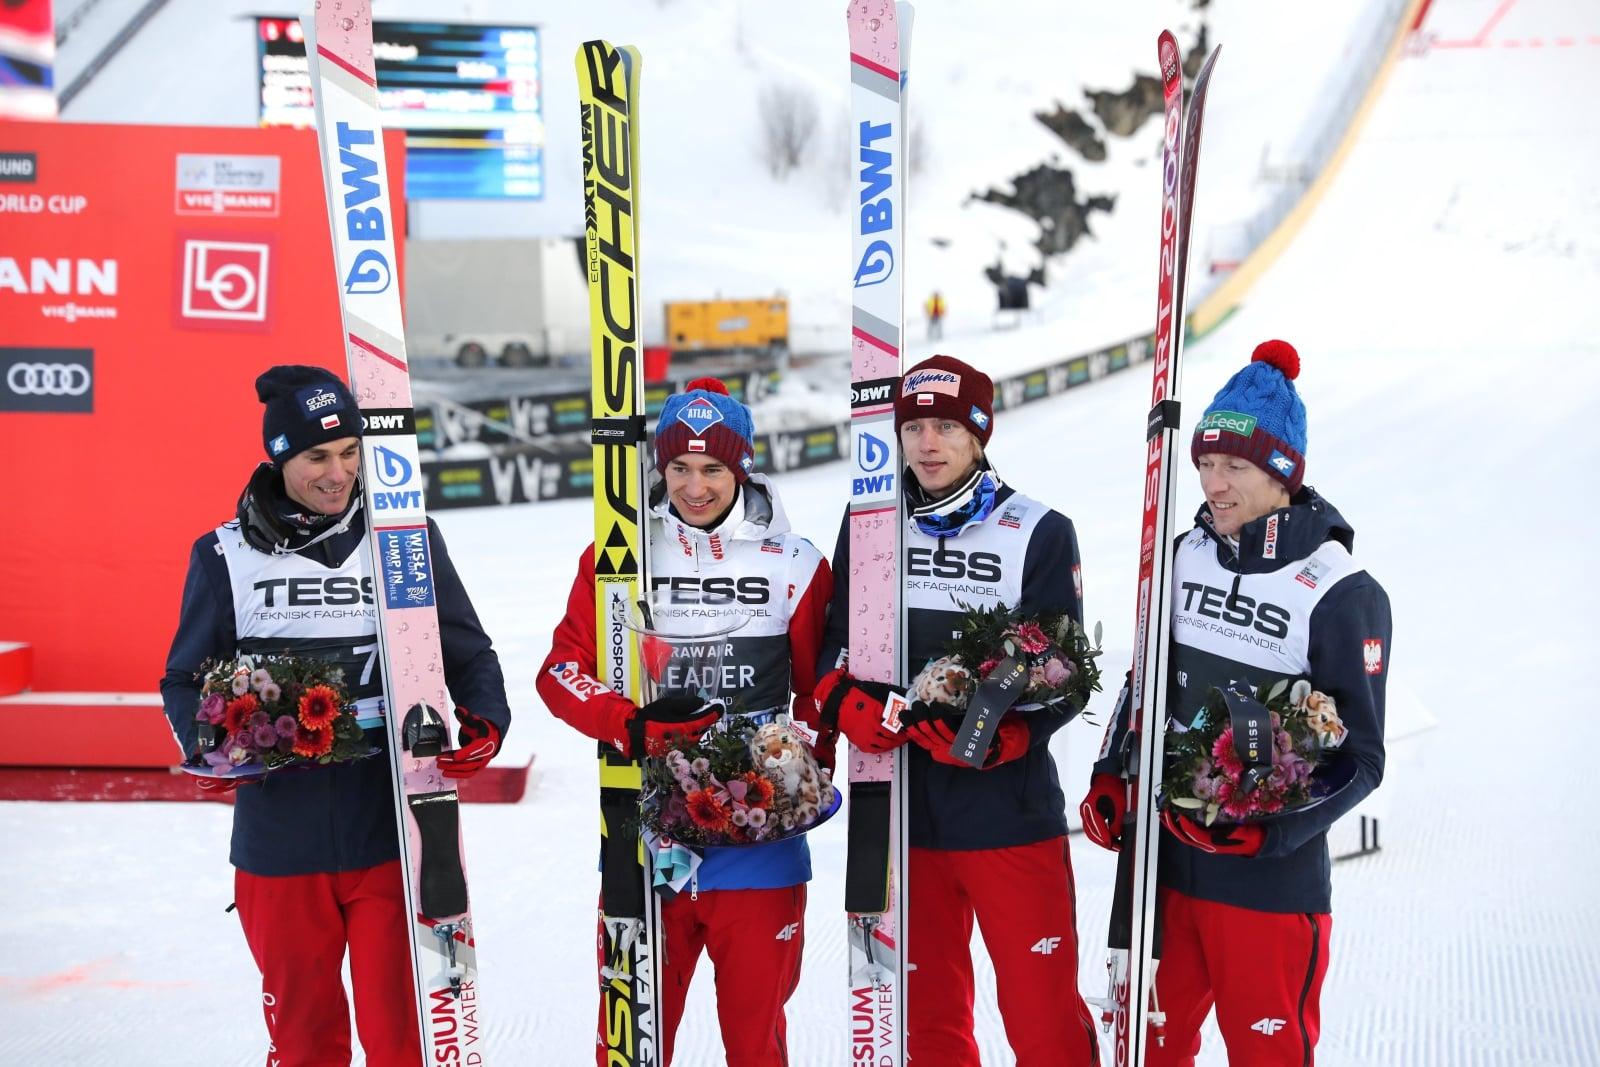 Polska reprezentacja zajęła dzisiaj 2. miejsce w drużynowym konkursie skoków narciarskich fo.t EPA/Terje Bendiksby